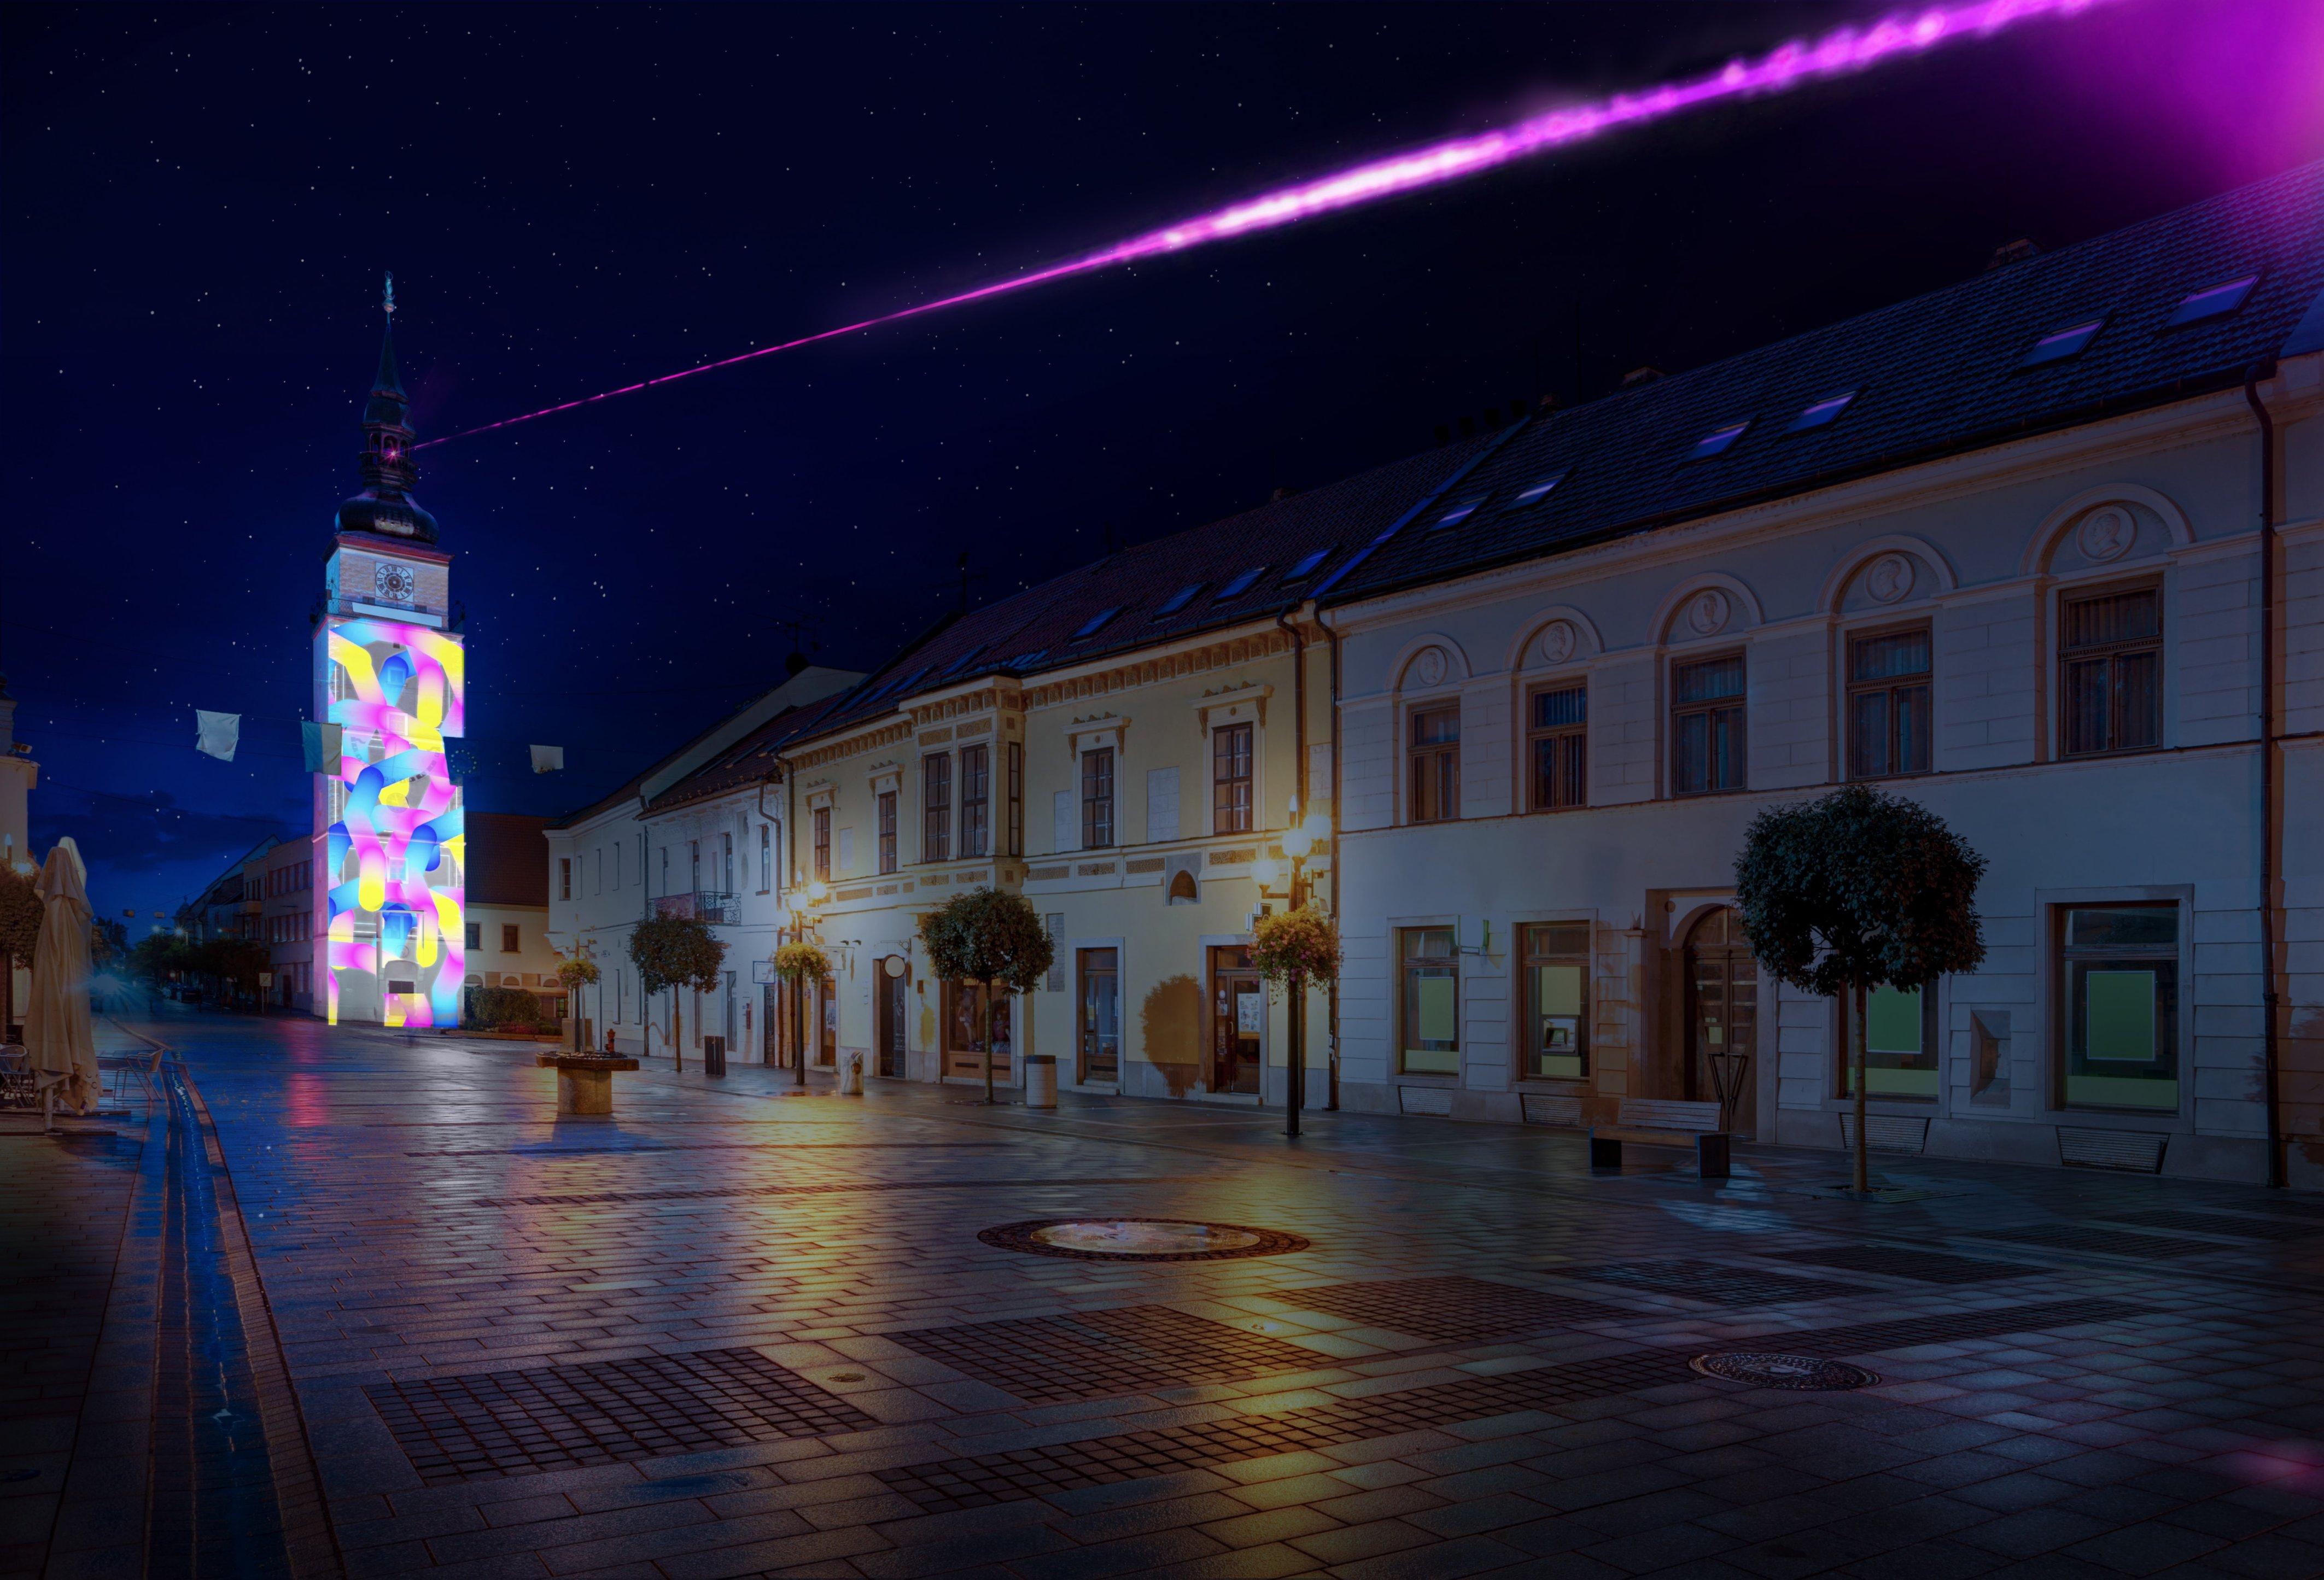 Divadlo a multimediálny festival Lovely Experience – aj takéto spojenie bude možné vidieť na Trojičnom námestí poslednú májovú sobotu